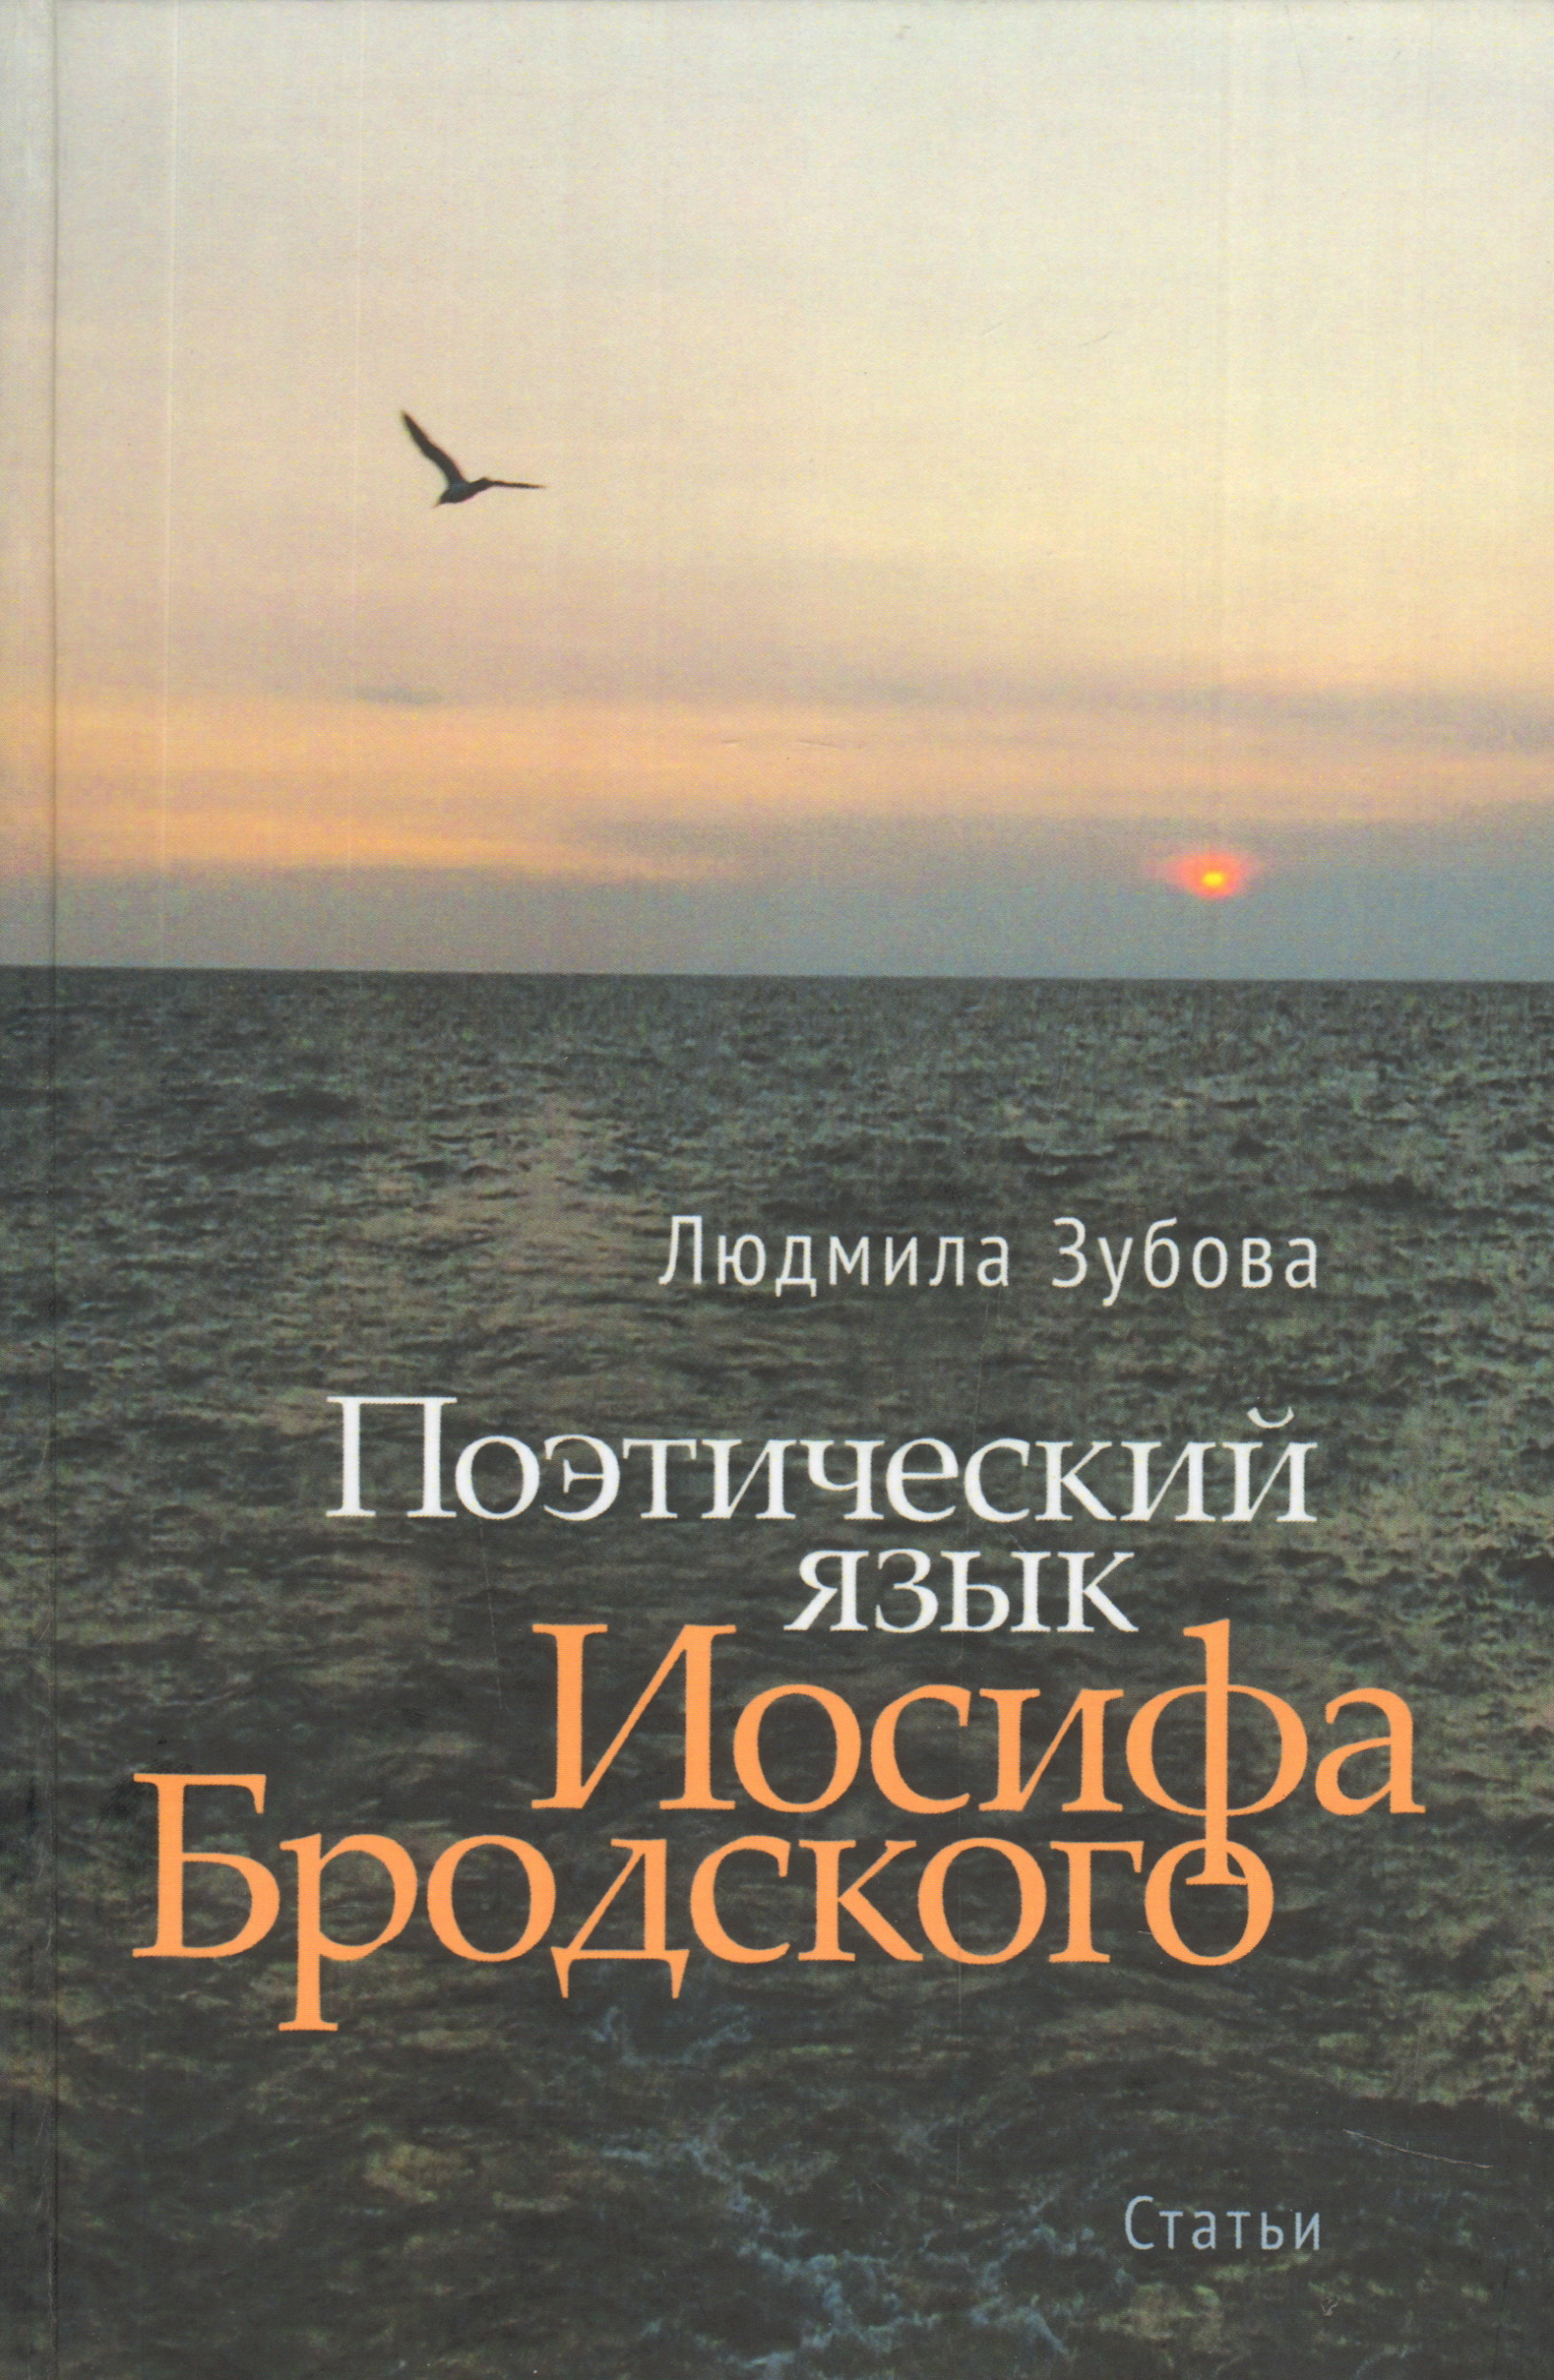 Поэтический язык Иосифа Бродского: Статьи